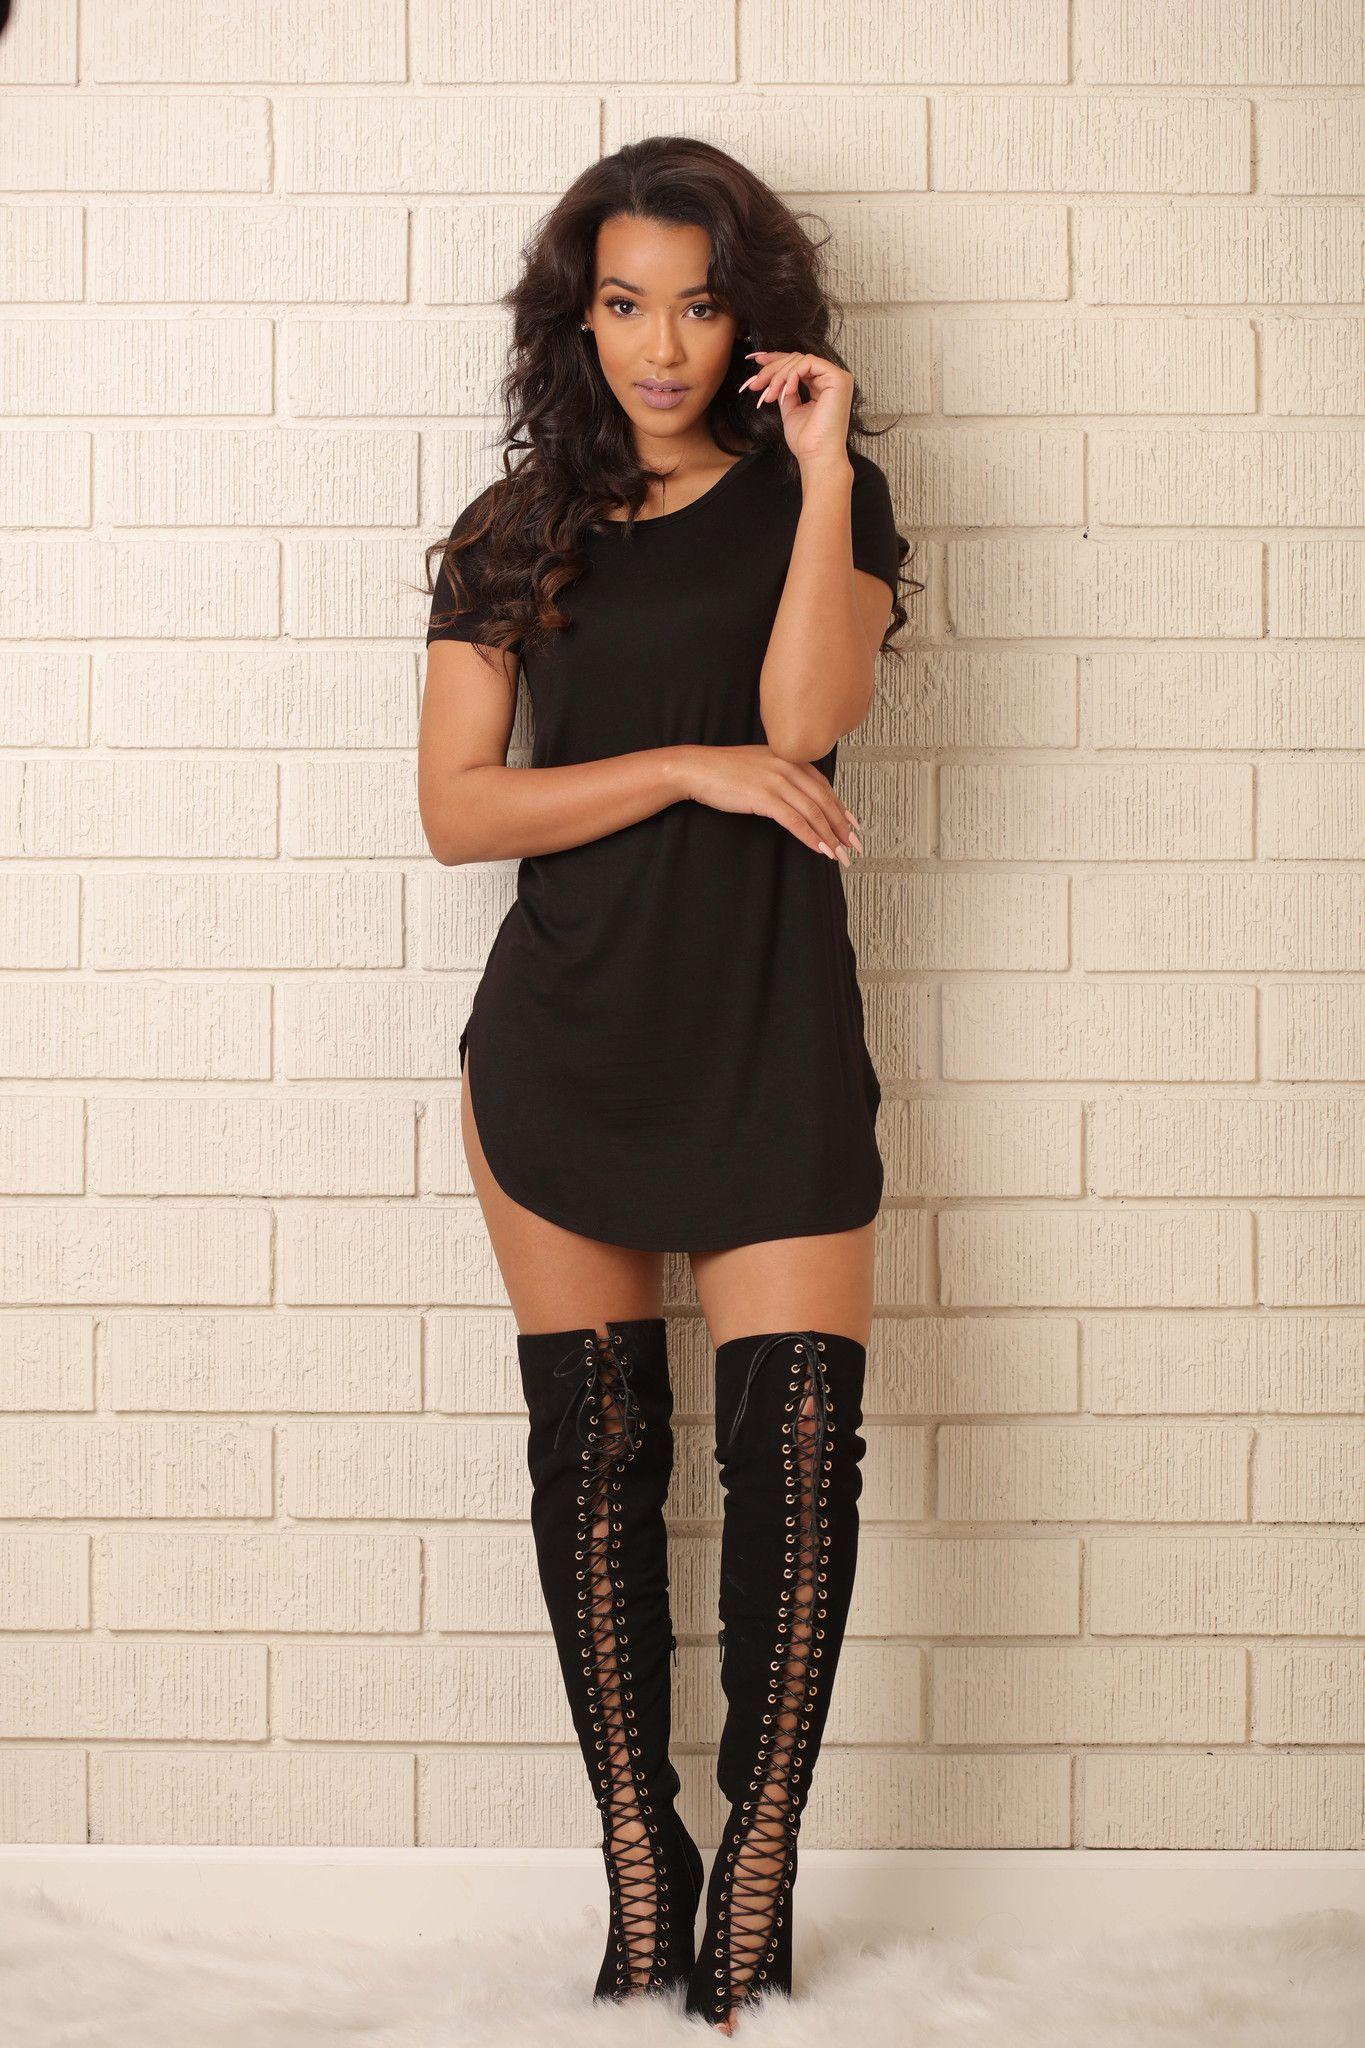 Club Wear Outfit Ideas Women